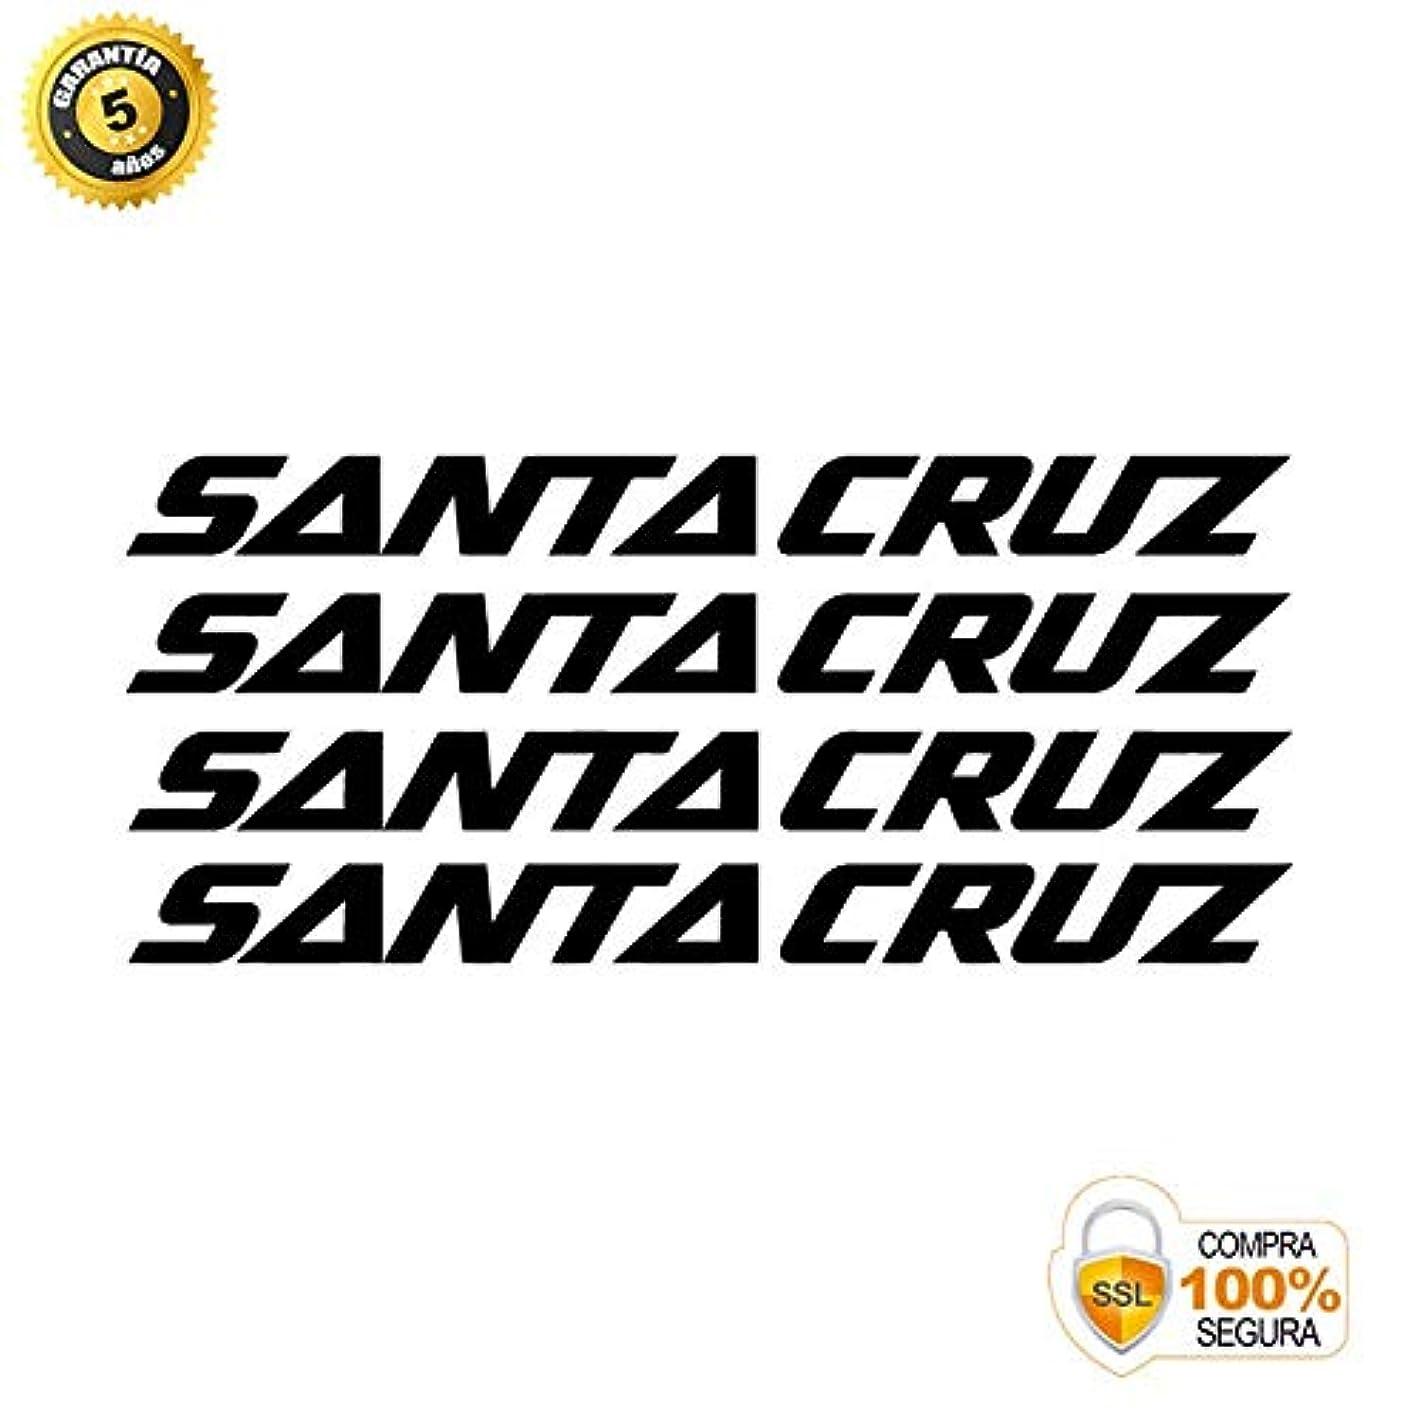 言うそばに投票ADHESIVOS MOTOS CLASICAS バイクステッカー - バイク装飾ステッカー - ビニール製バイクステッカーセット サンタクルーズ 4ステッカー 自転車フレーム 自転車 山